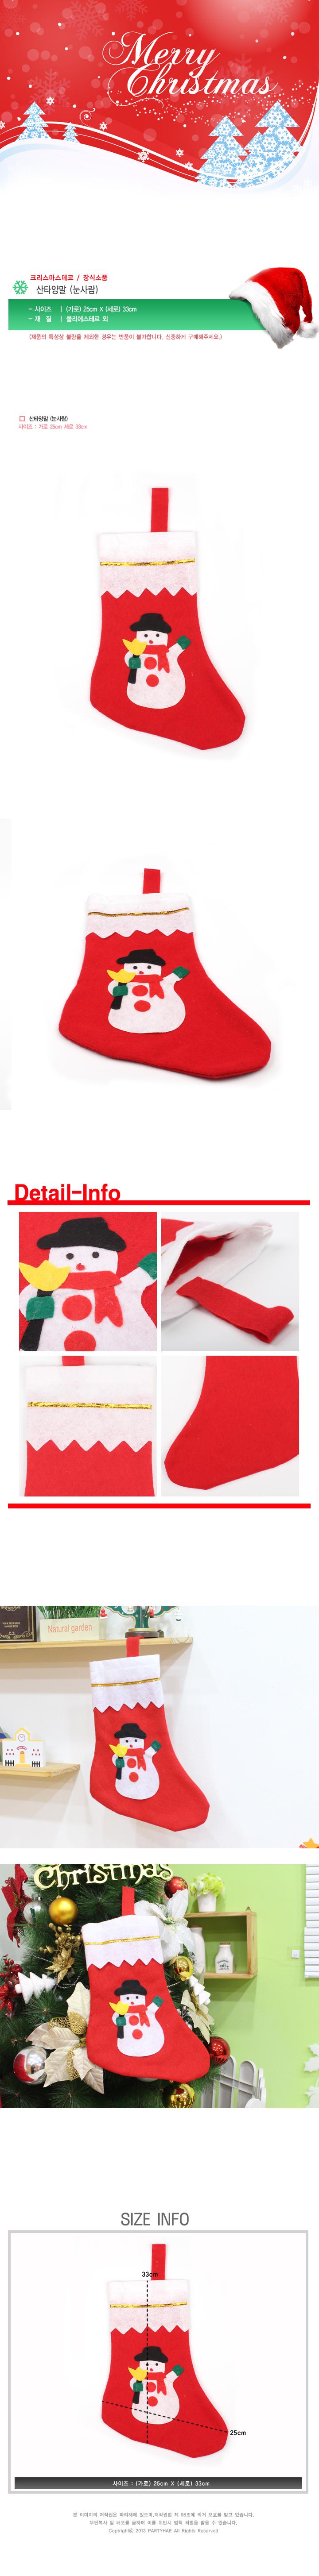 산타양말(눈사람) - 파티해, 1,955원, 장식품, 크리스마스소품